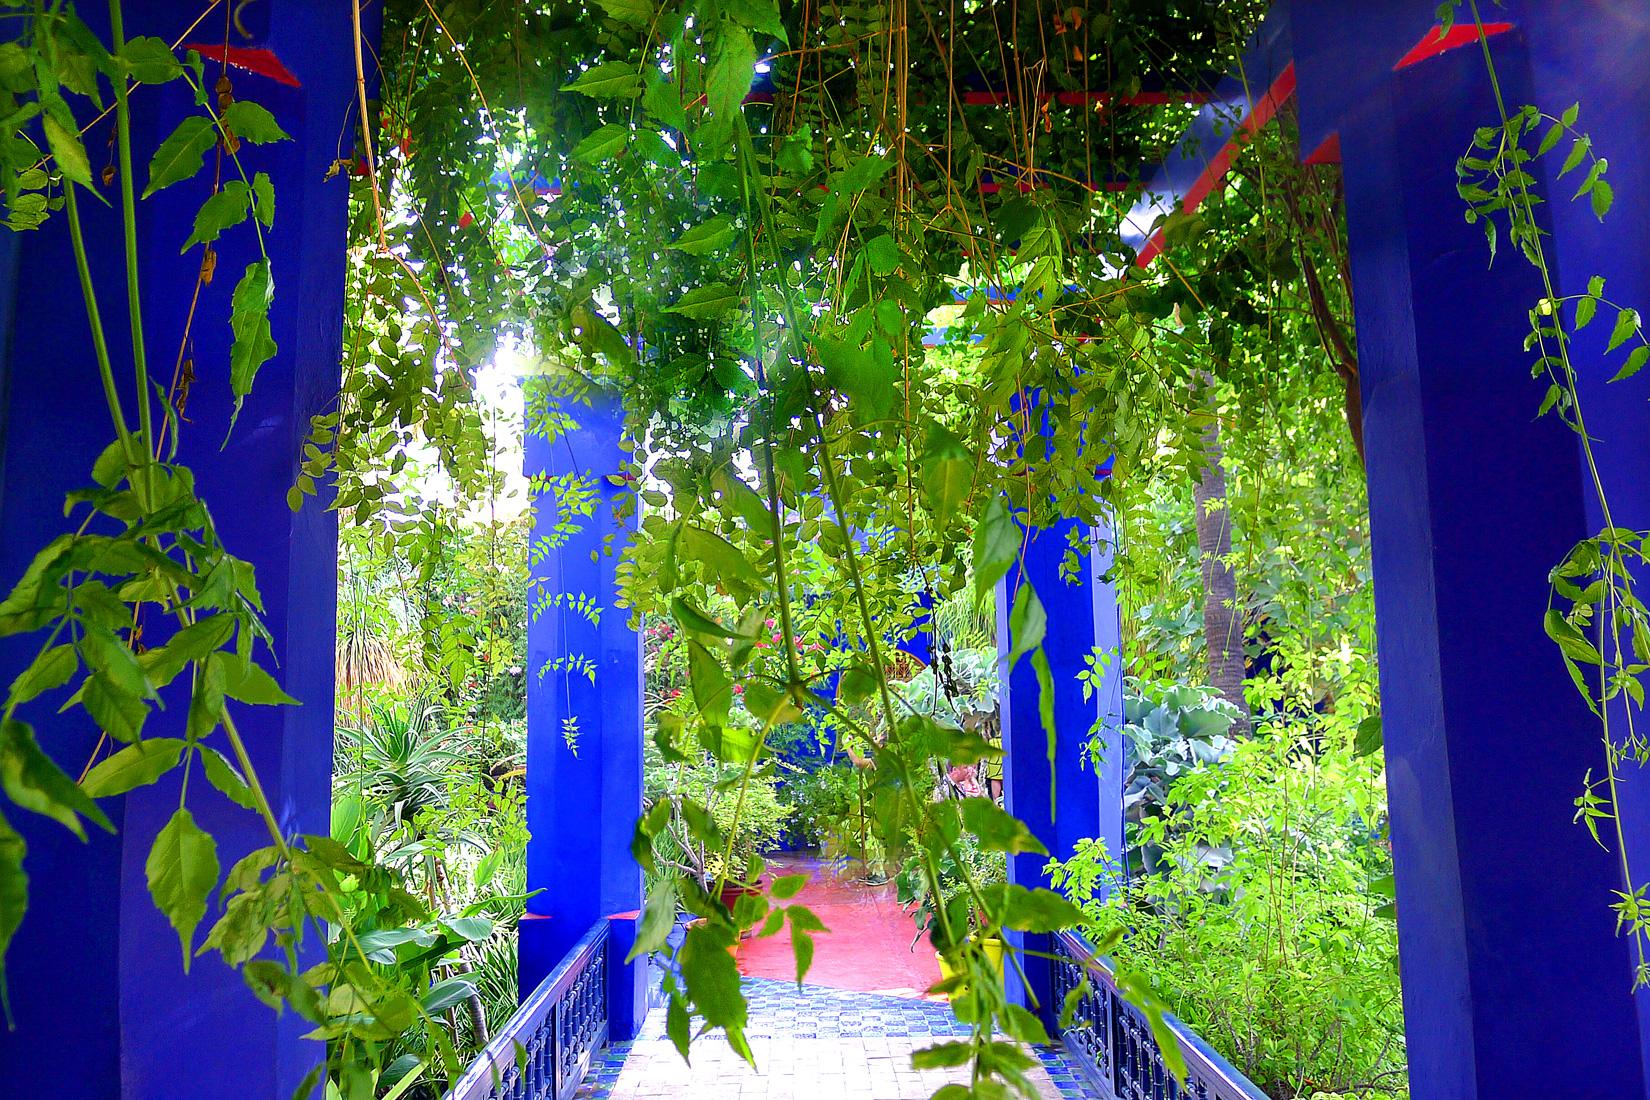 Yves Saint Laurent's Jardin Majorelle